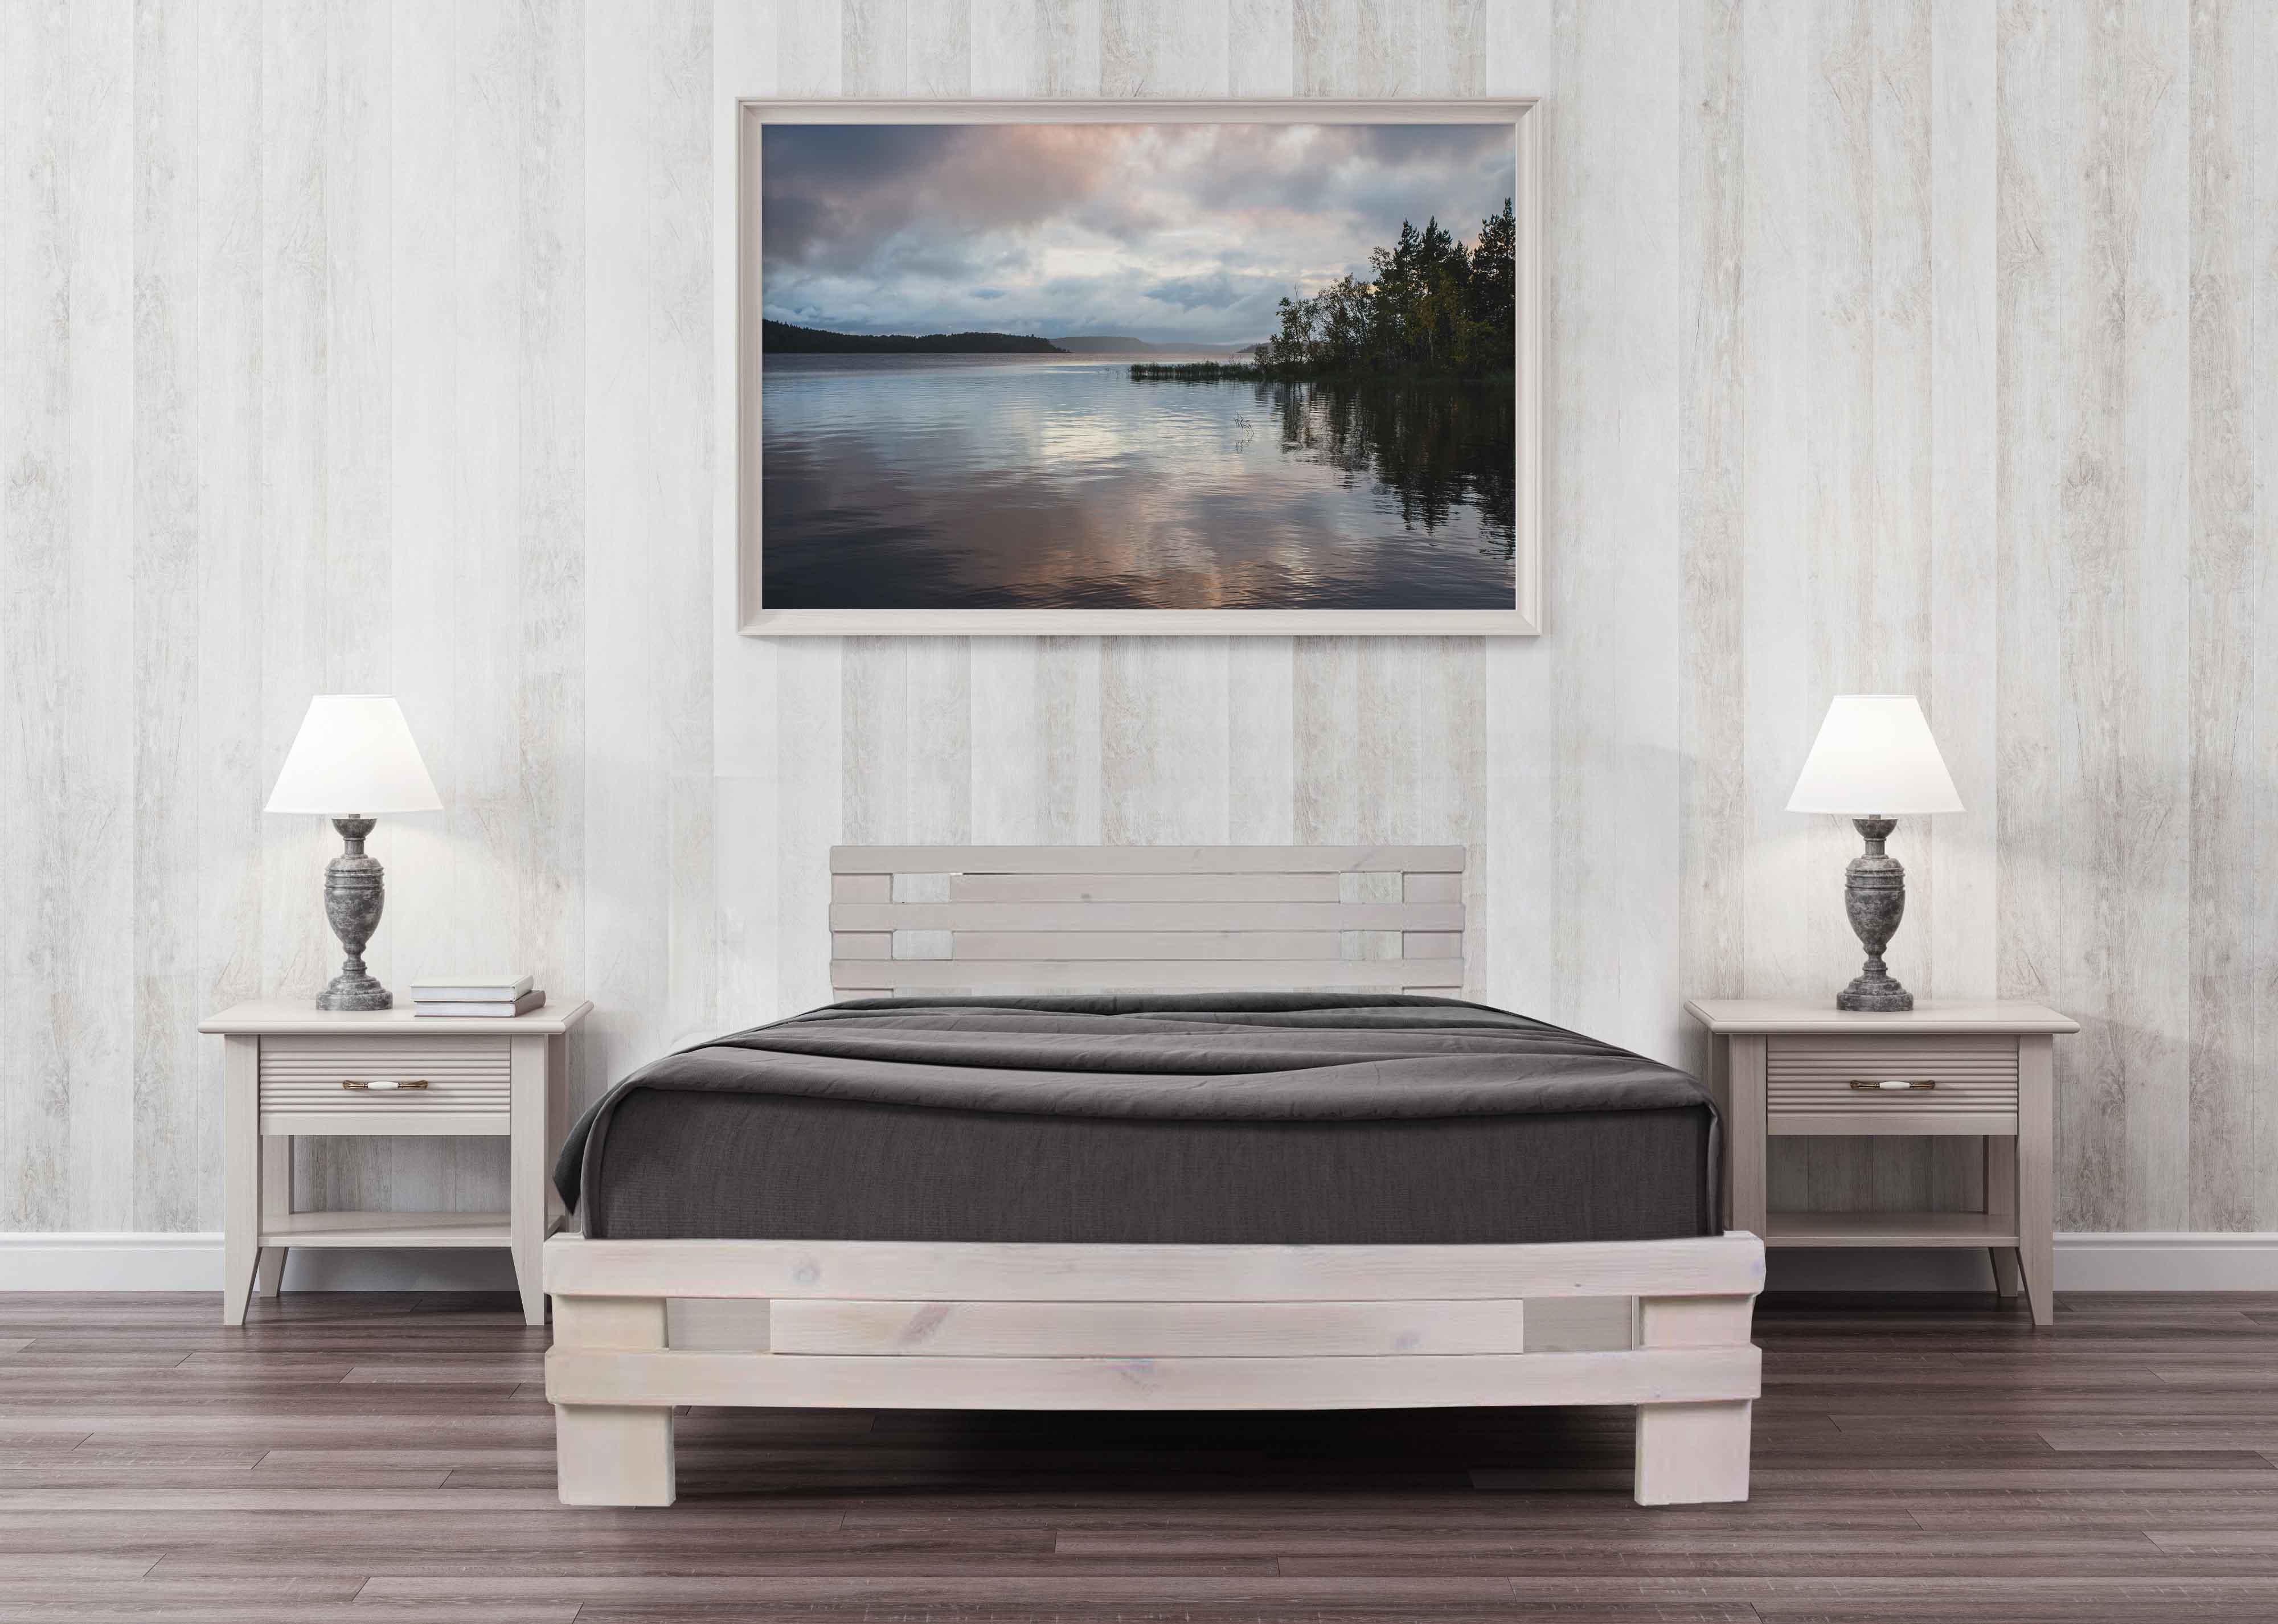 מיטה מעוצבת מעץ אורן מלא + מזרן קפיצים מתנה